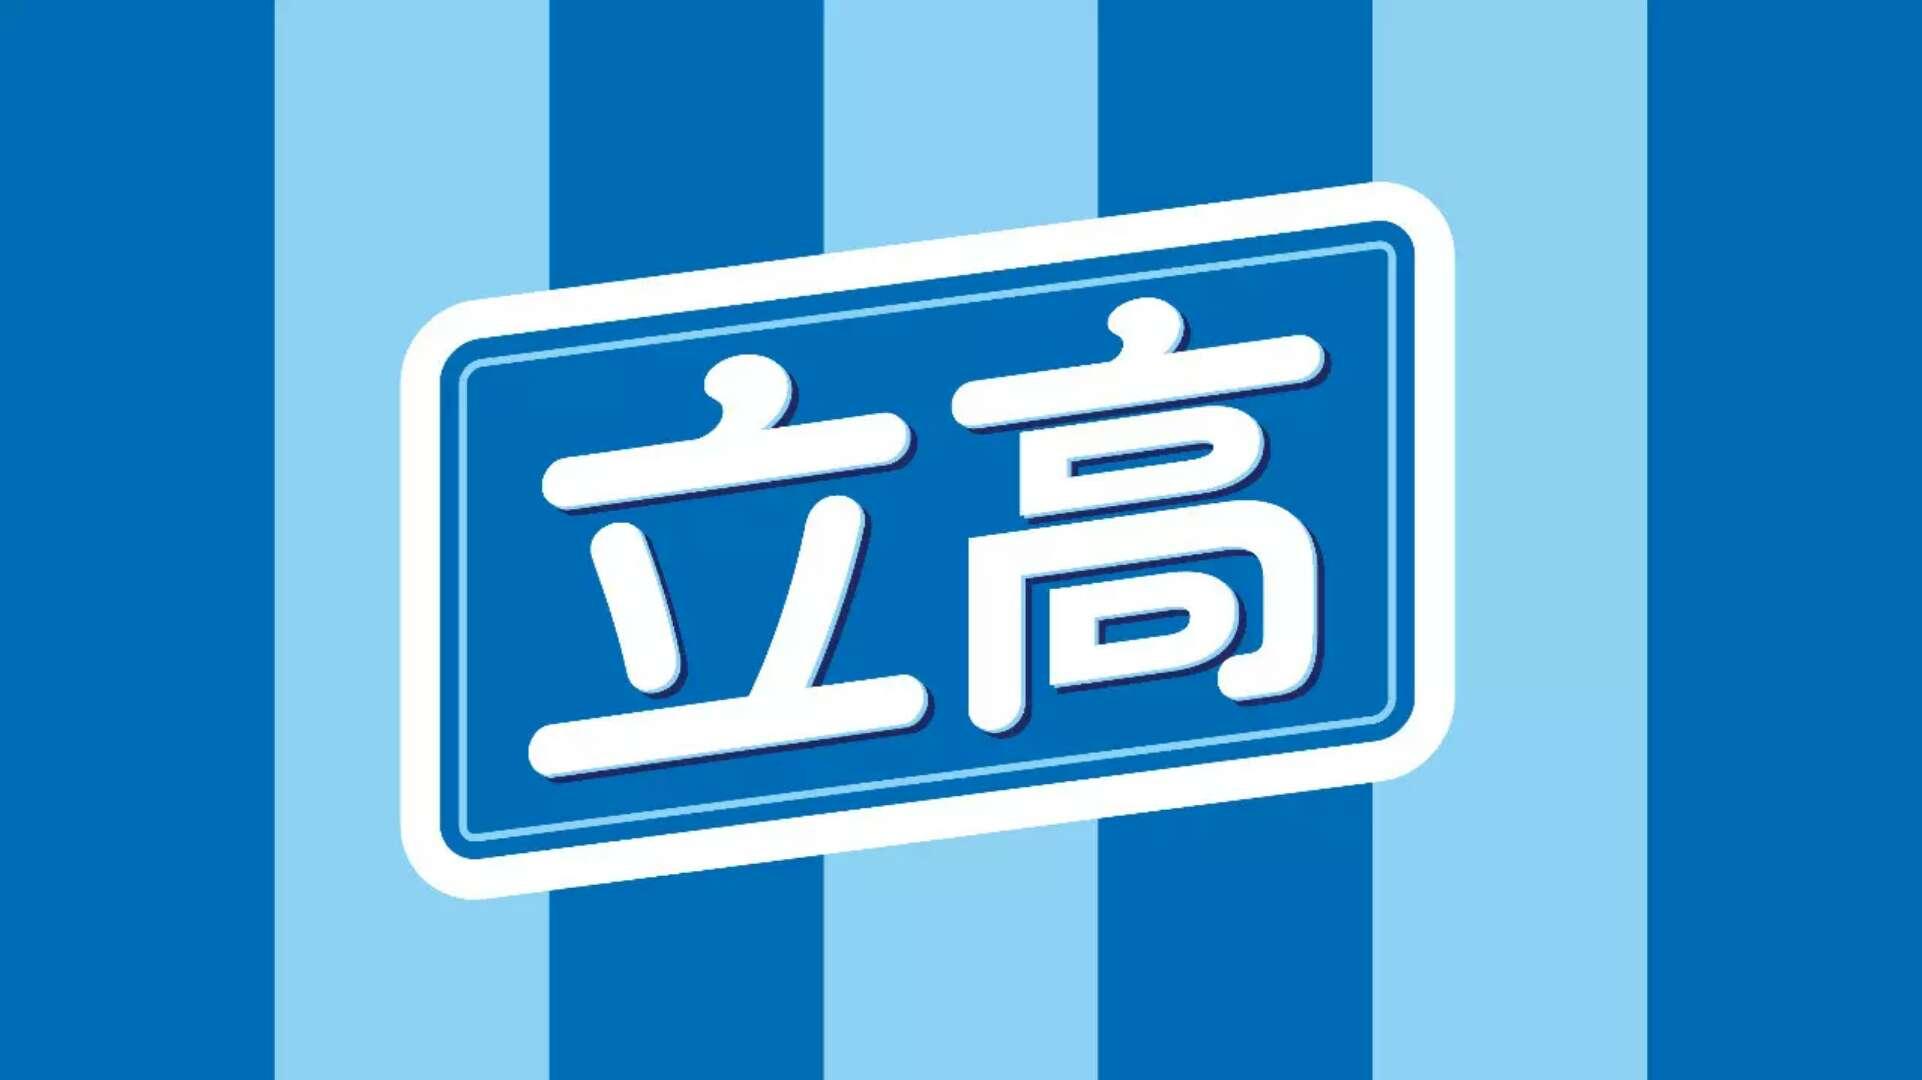 立高食品:注入【理念+算盘】阿米巴经营,实现脱胎换骨